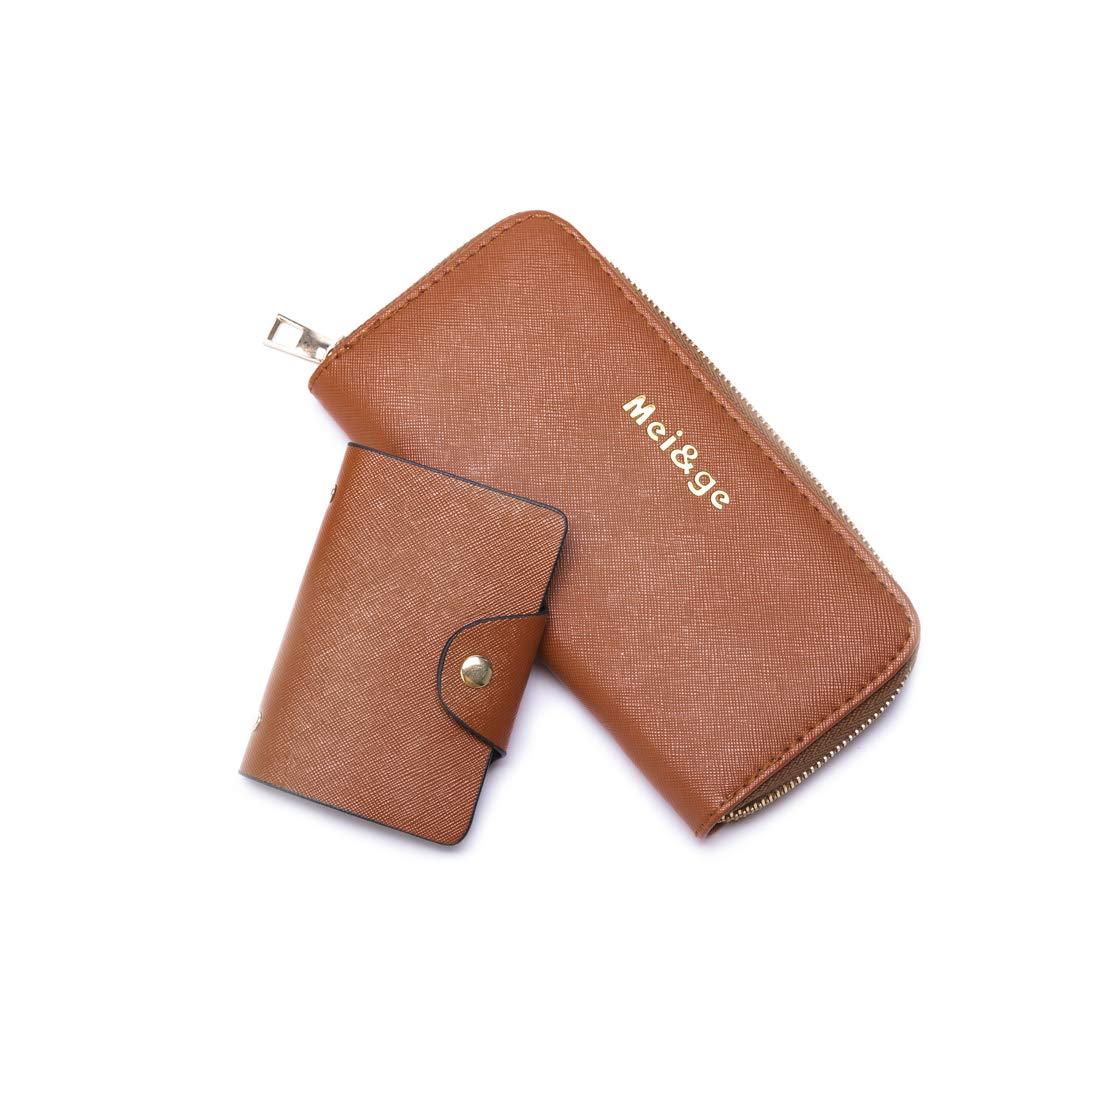 Amazon.com: Juego de bolsos y bolsos de mano para mujer, 5 ...